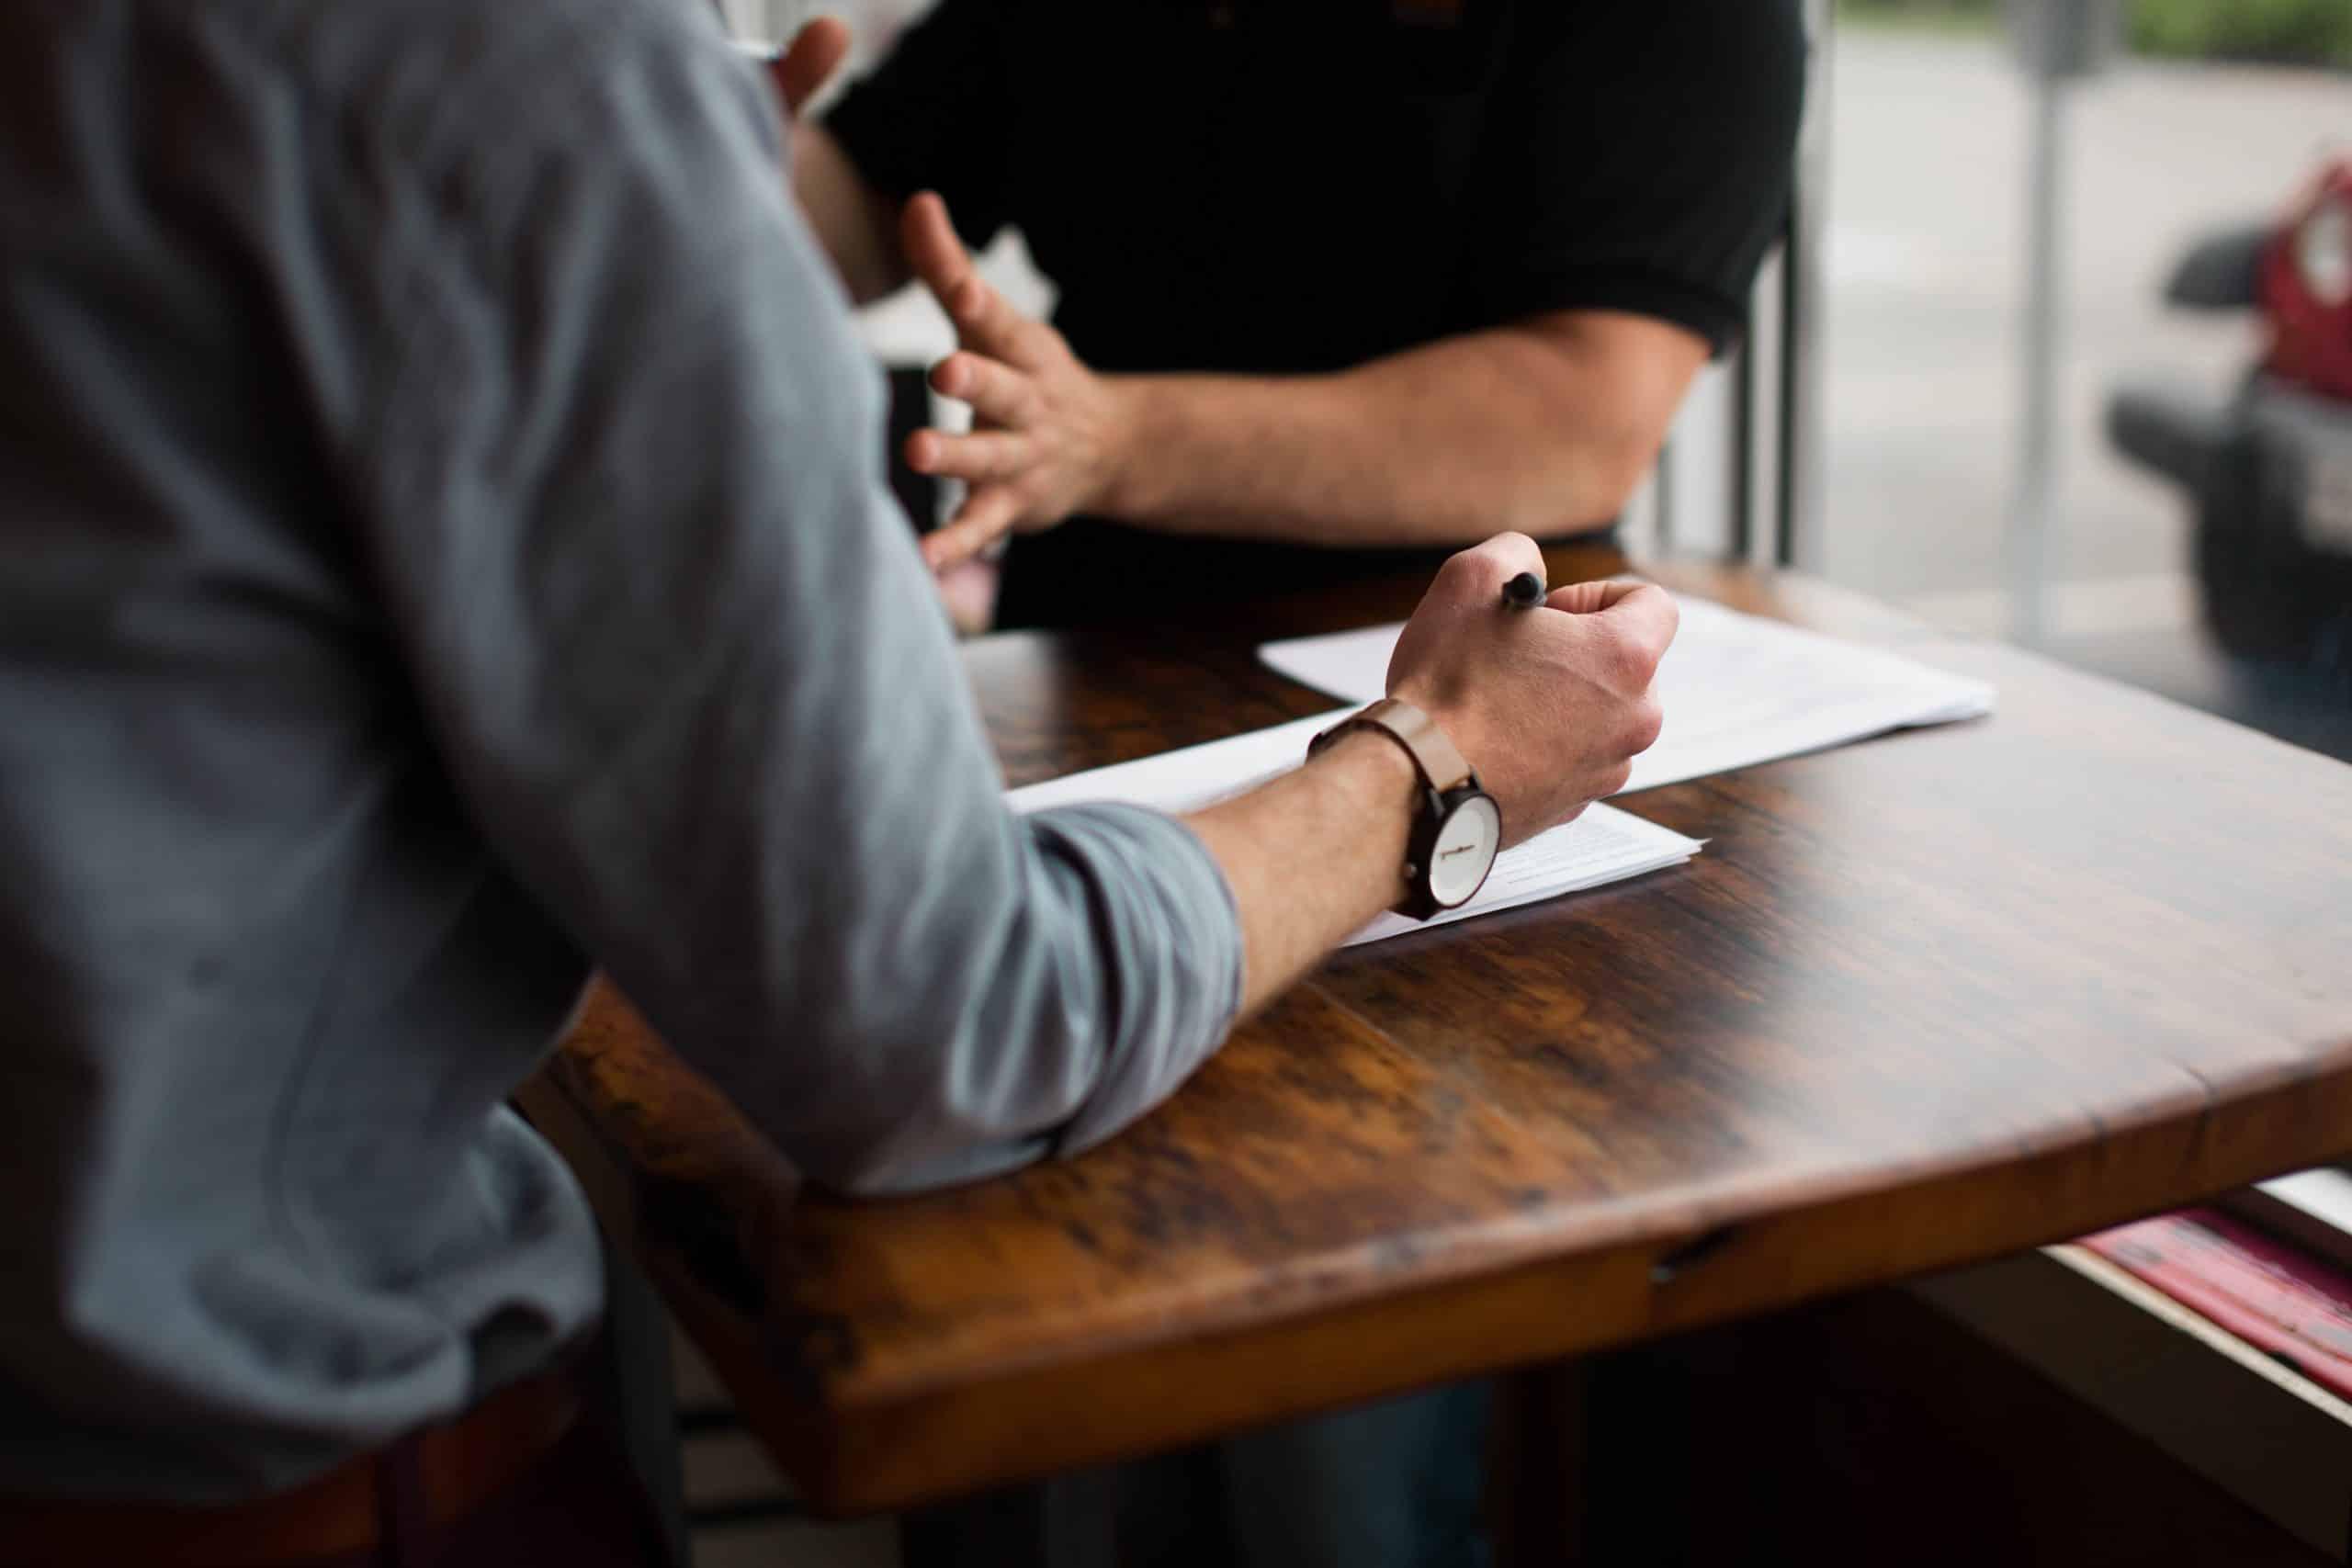 Een interview geeft je inzicht in het doen en laten van je persona